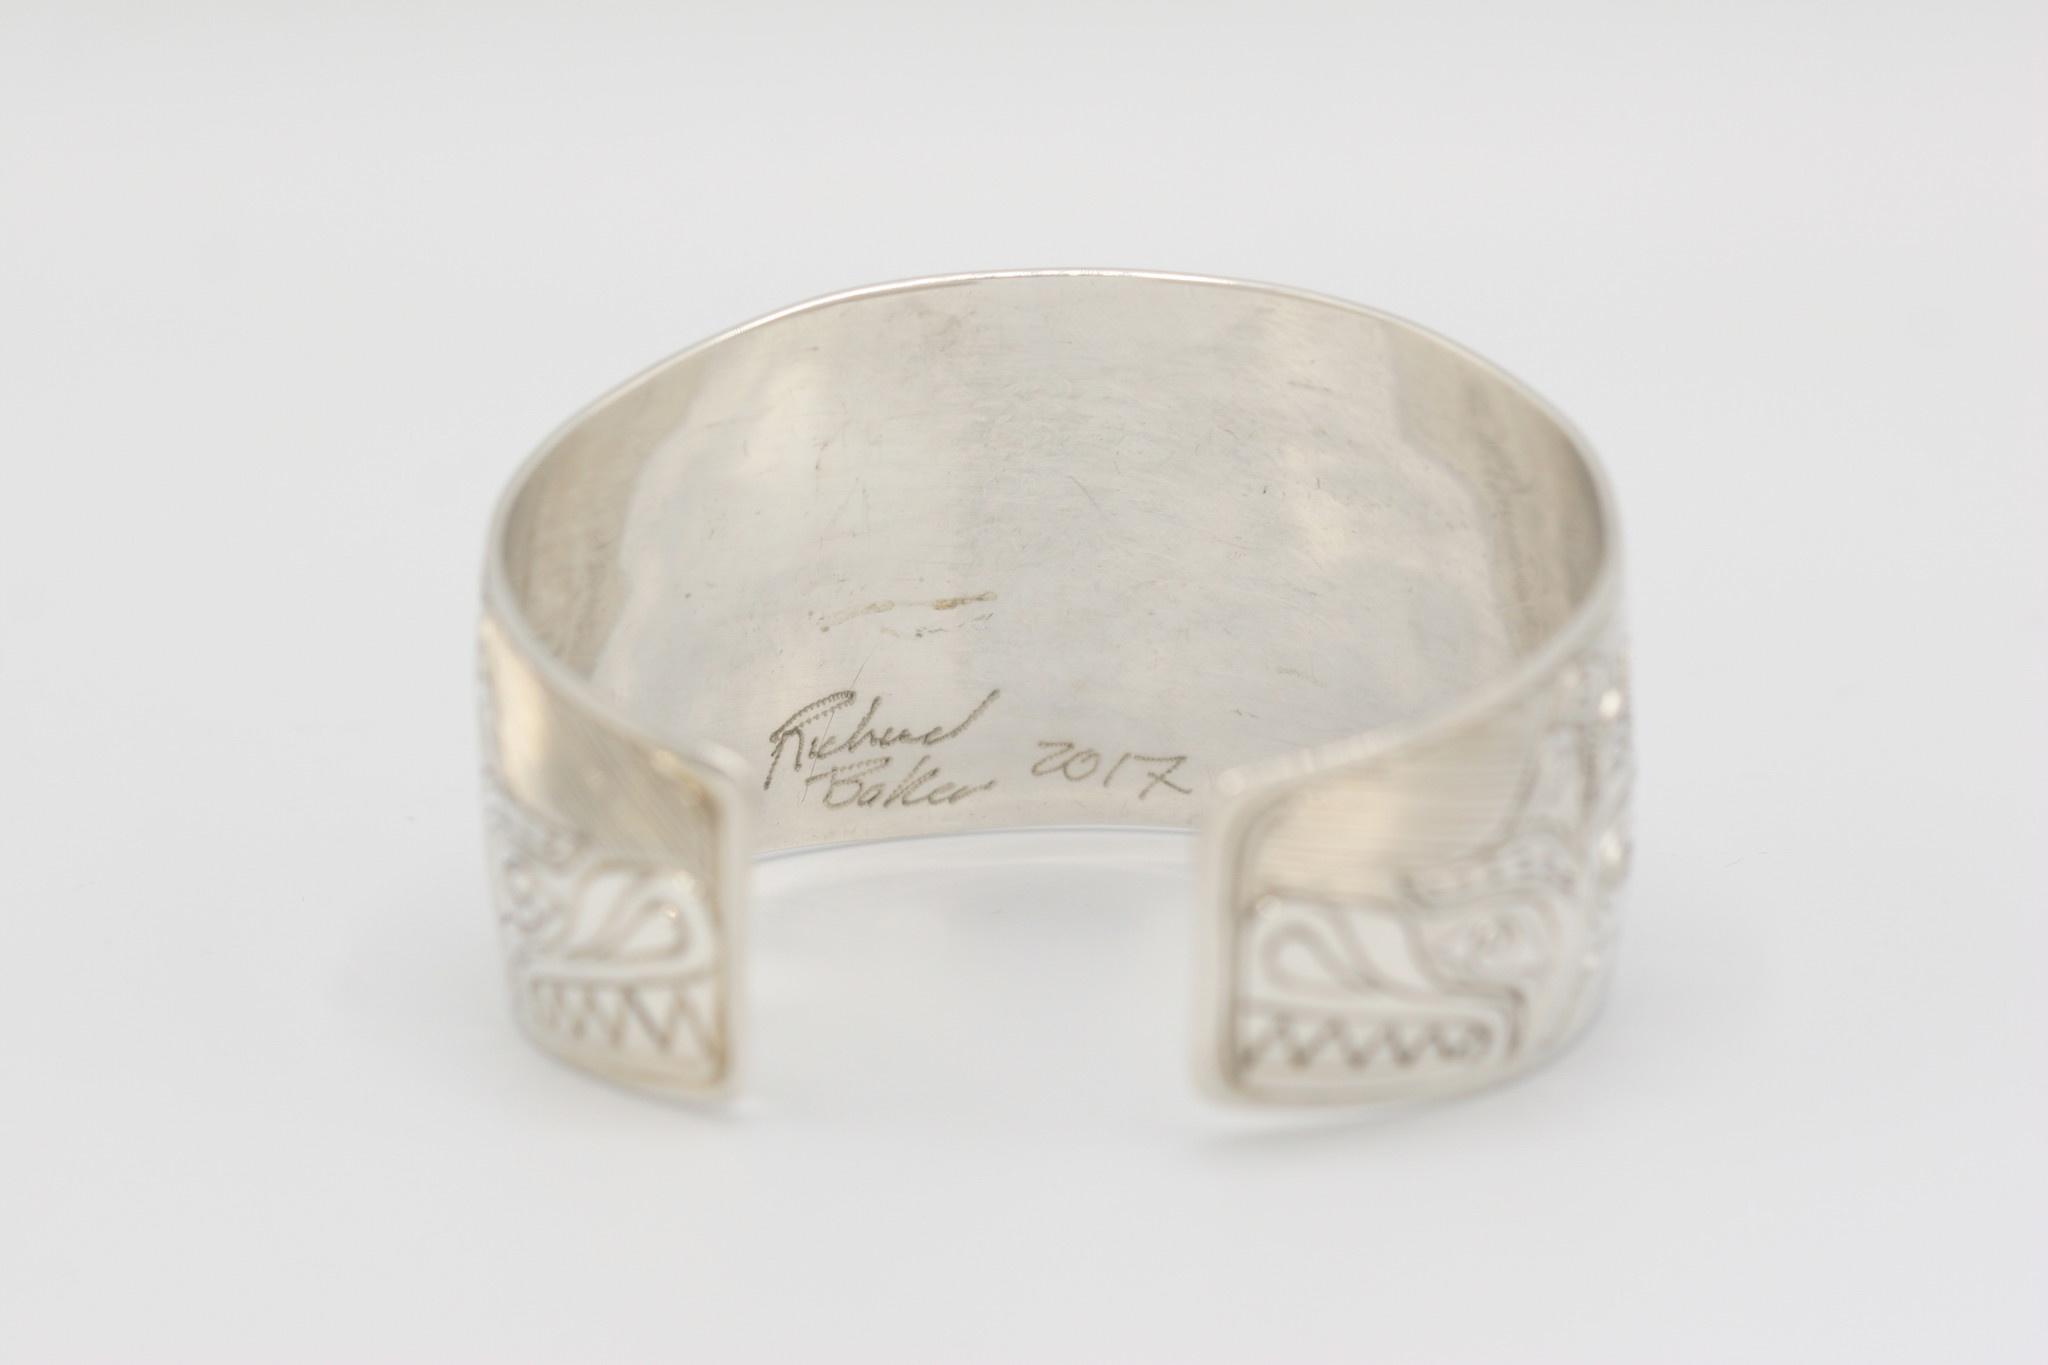 """Richard Baker - Bracelet 1.5"""" Sisiutl"""